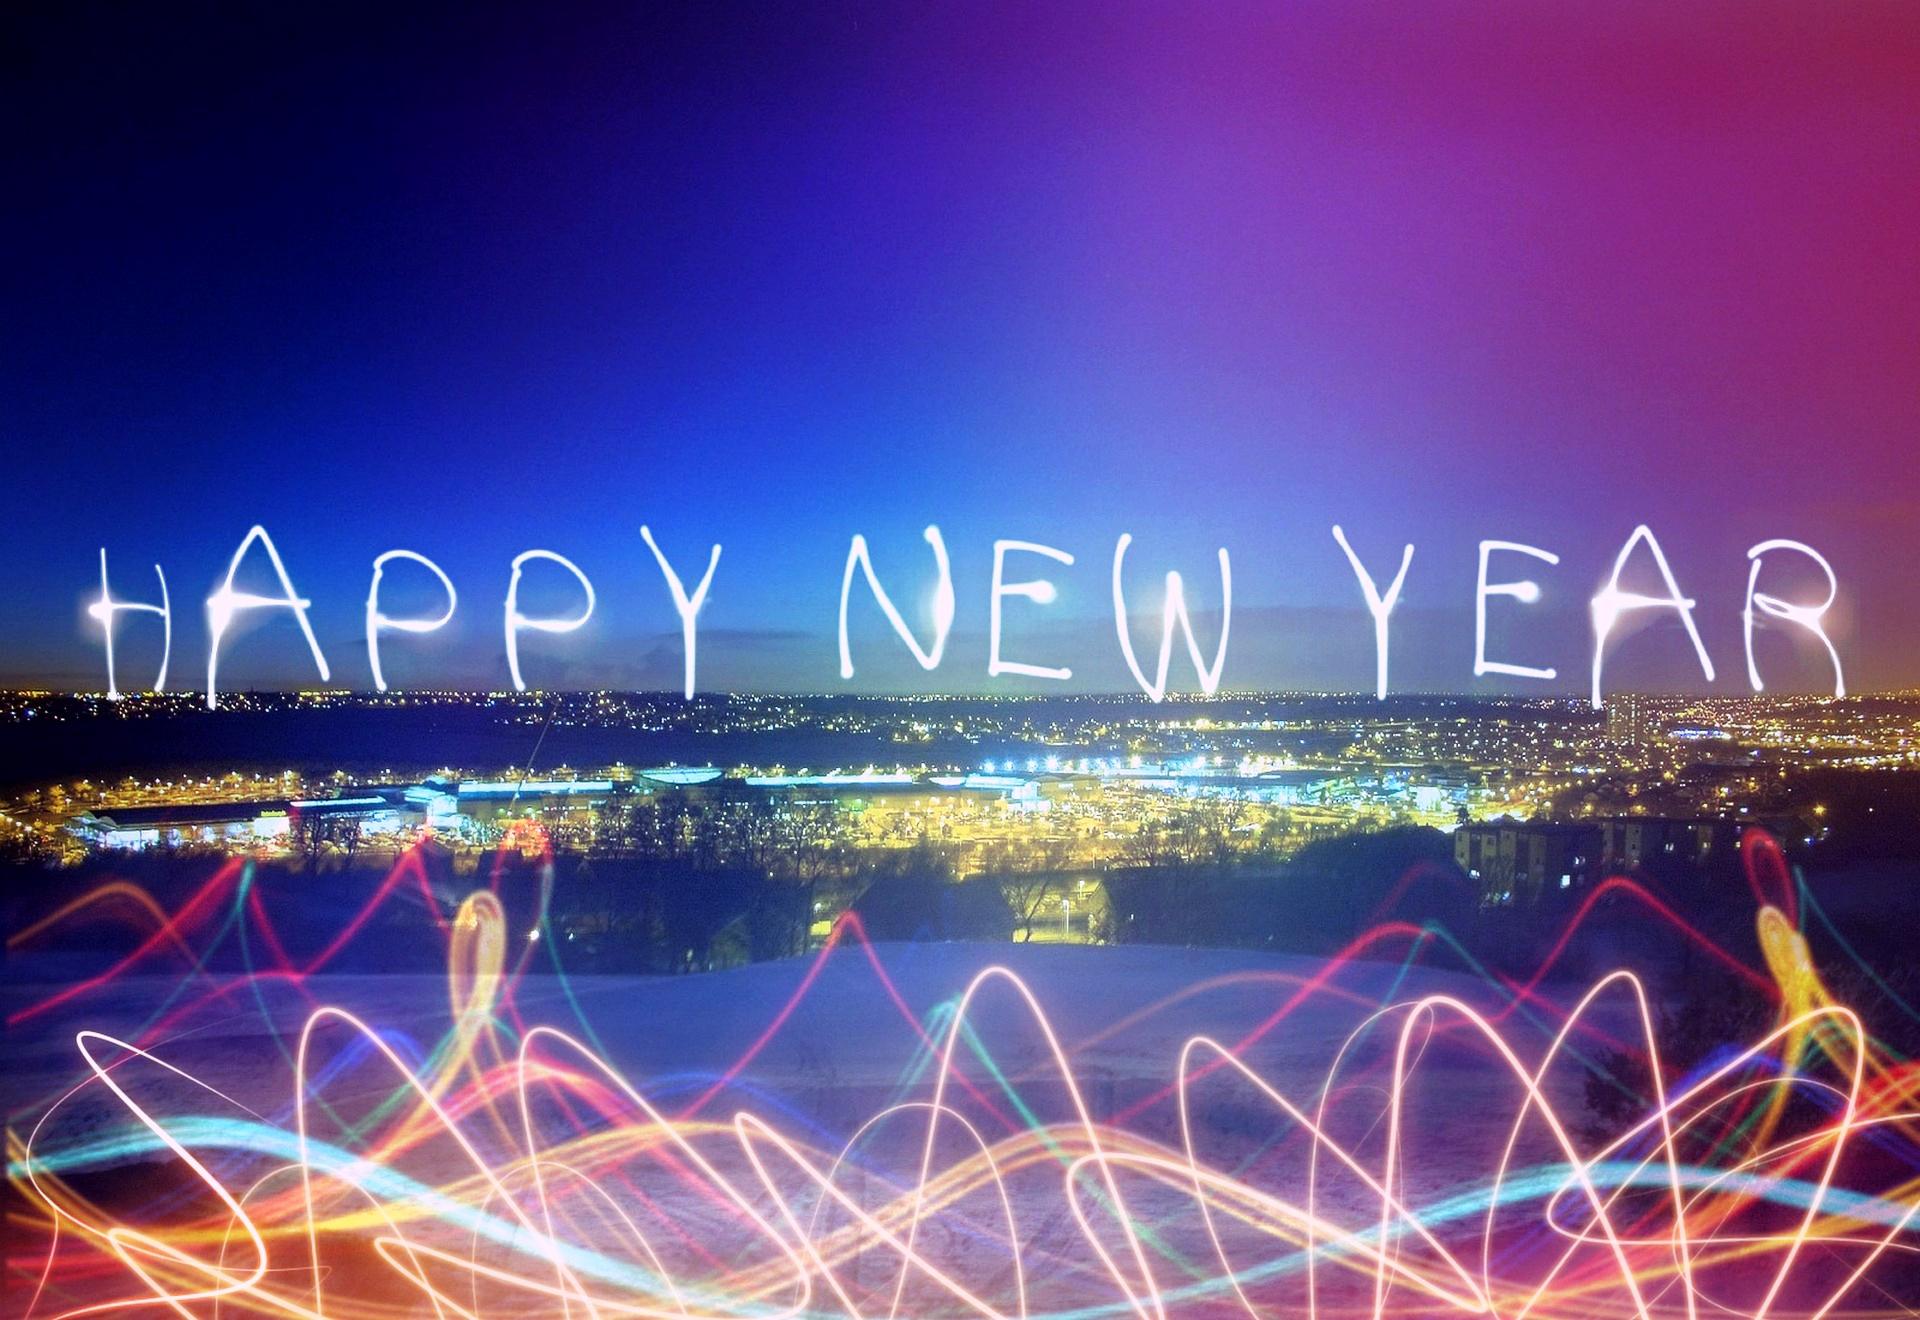 Neujahrswünsche – Geschäftlich Und Mit Persönlicher Note ganzes Neujahrsgrußkarten Kostenlos